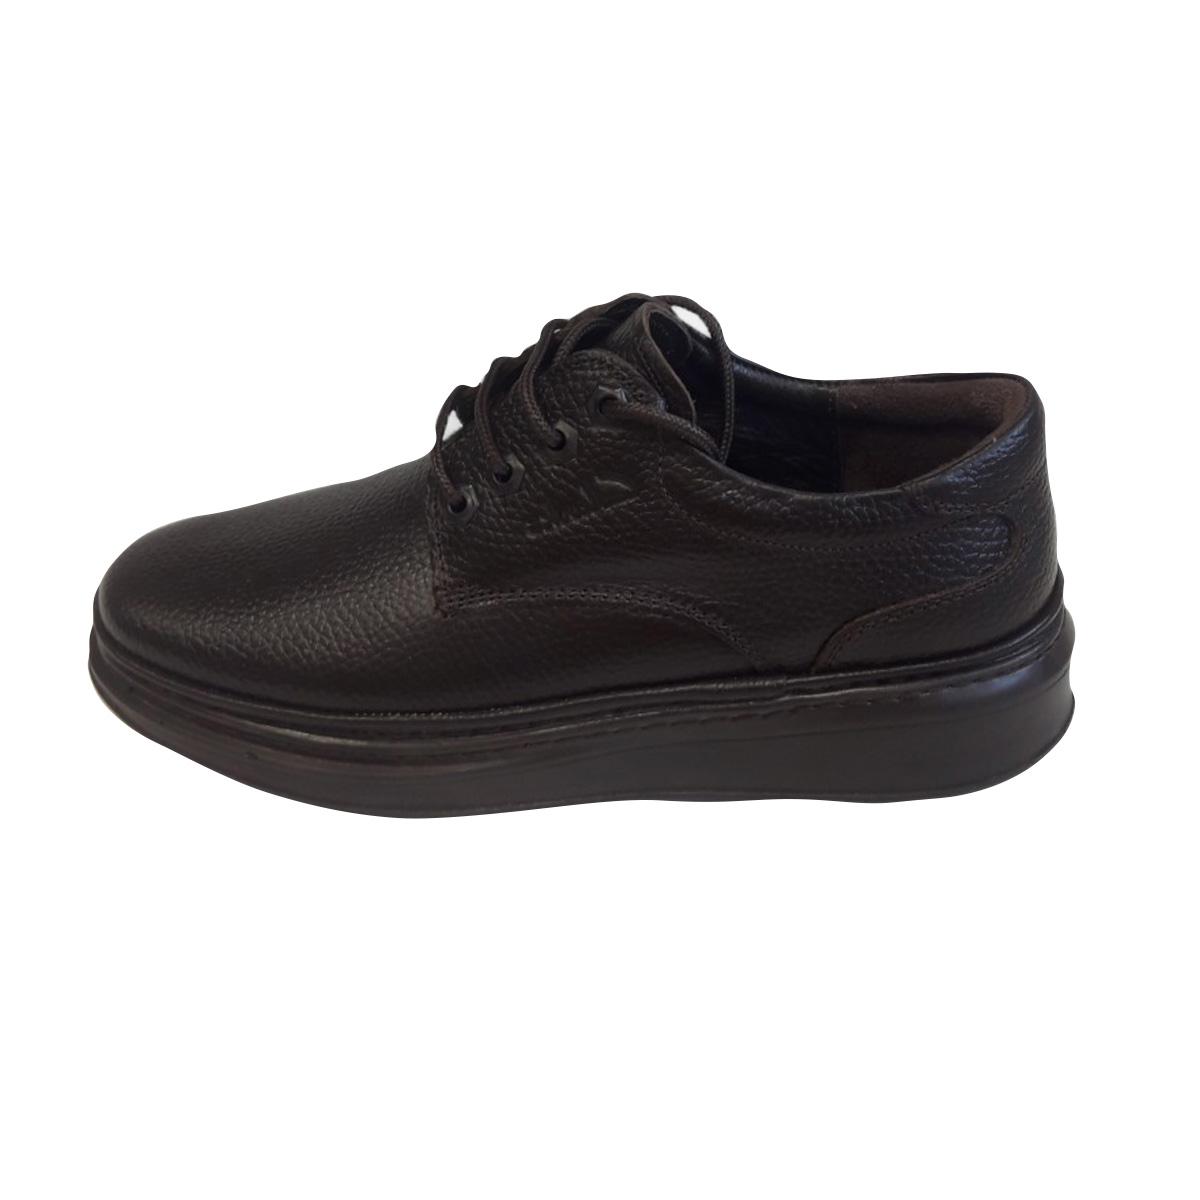 کفش روزمره مردانه کد 007